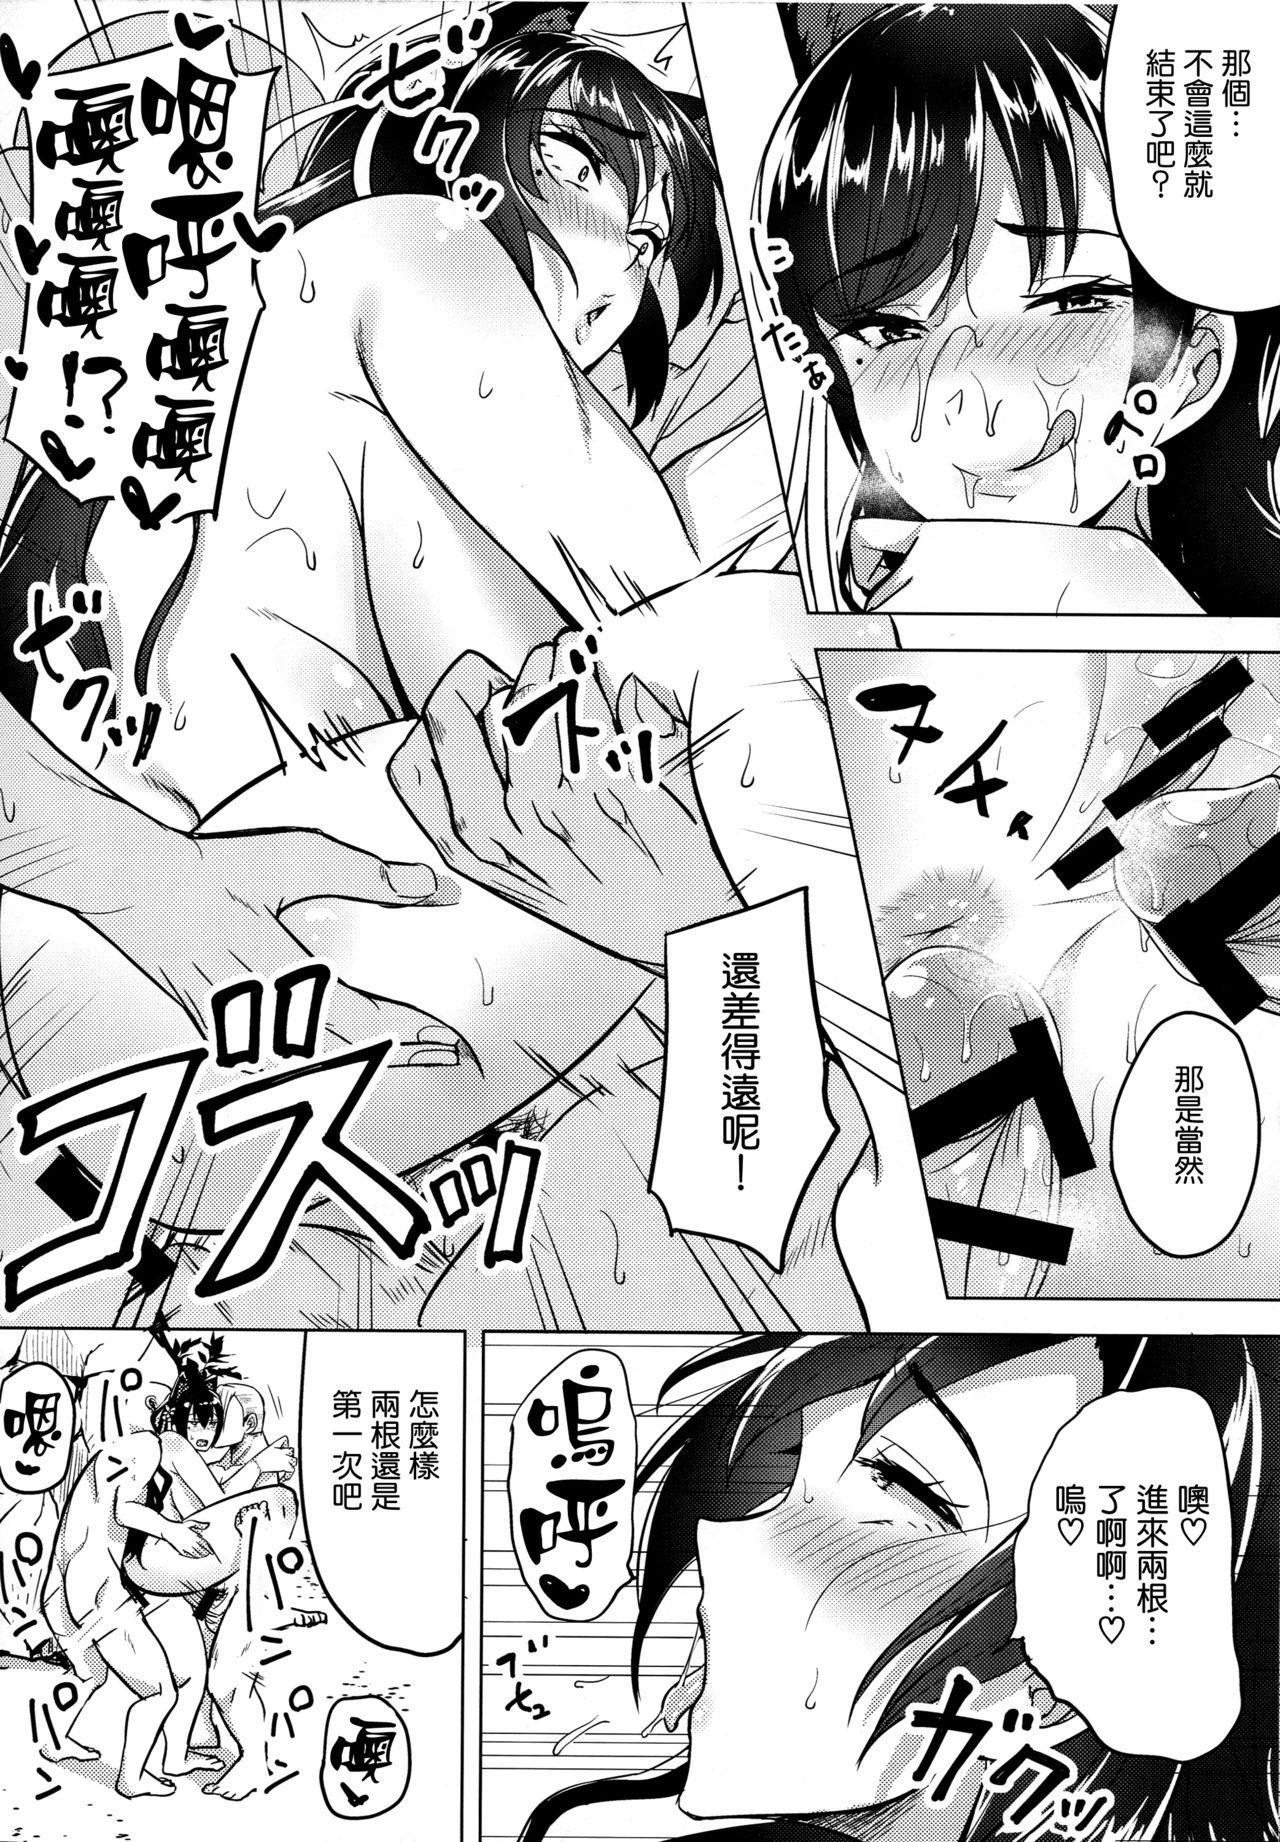 Hitozuma wa Yokkyuu Fuman 18